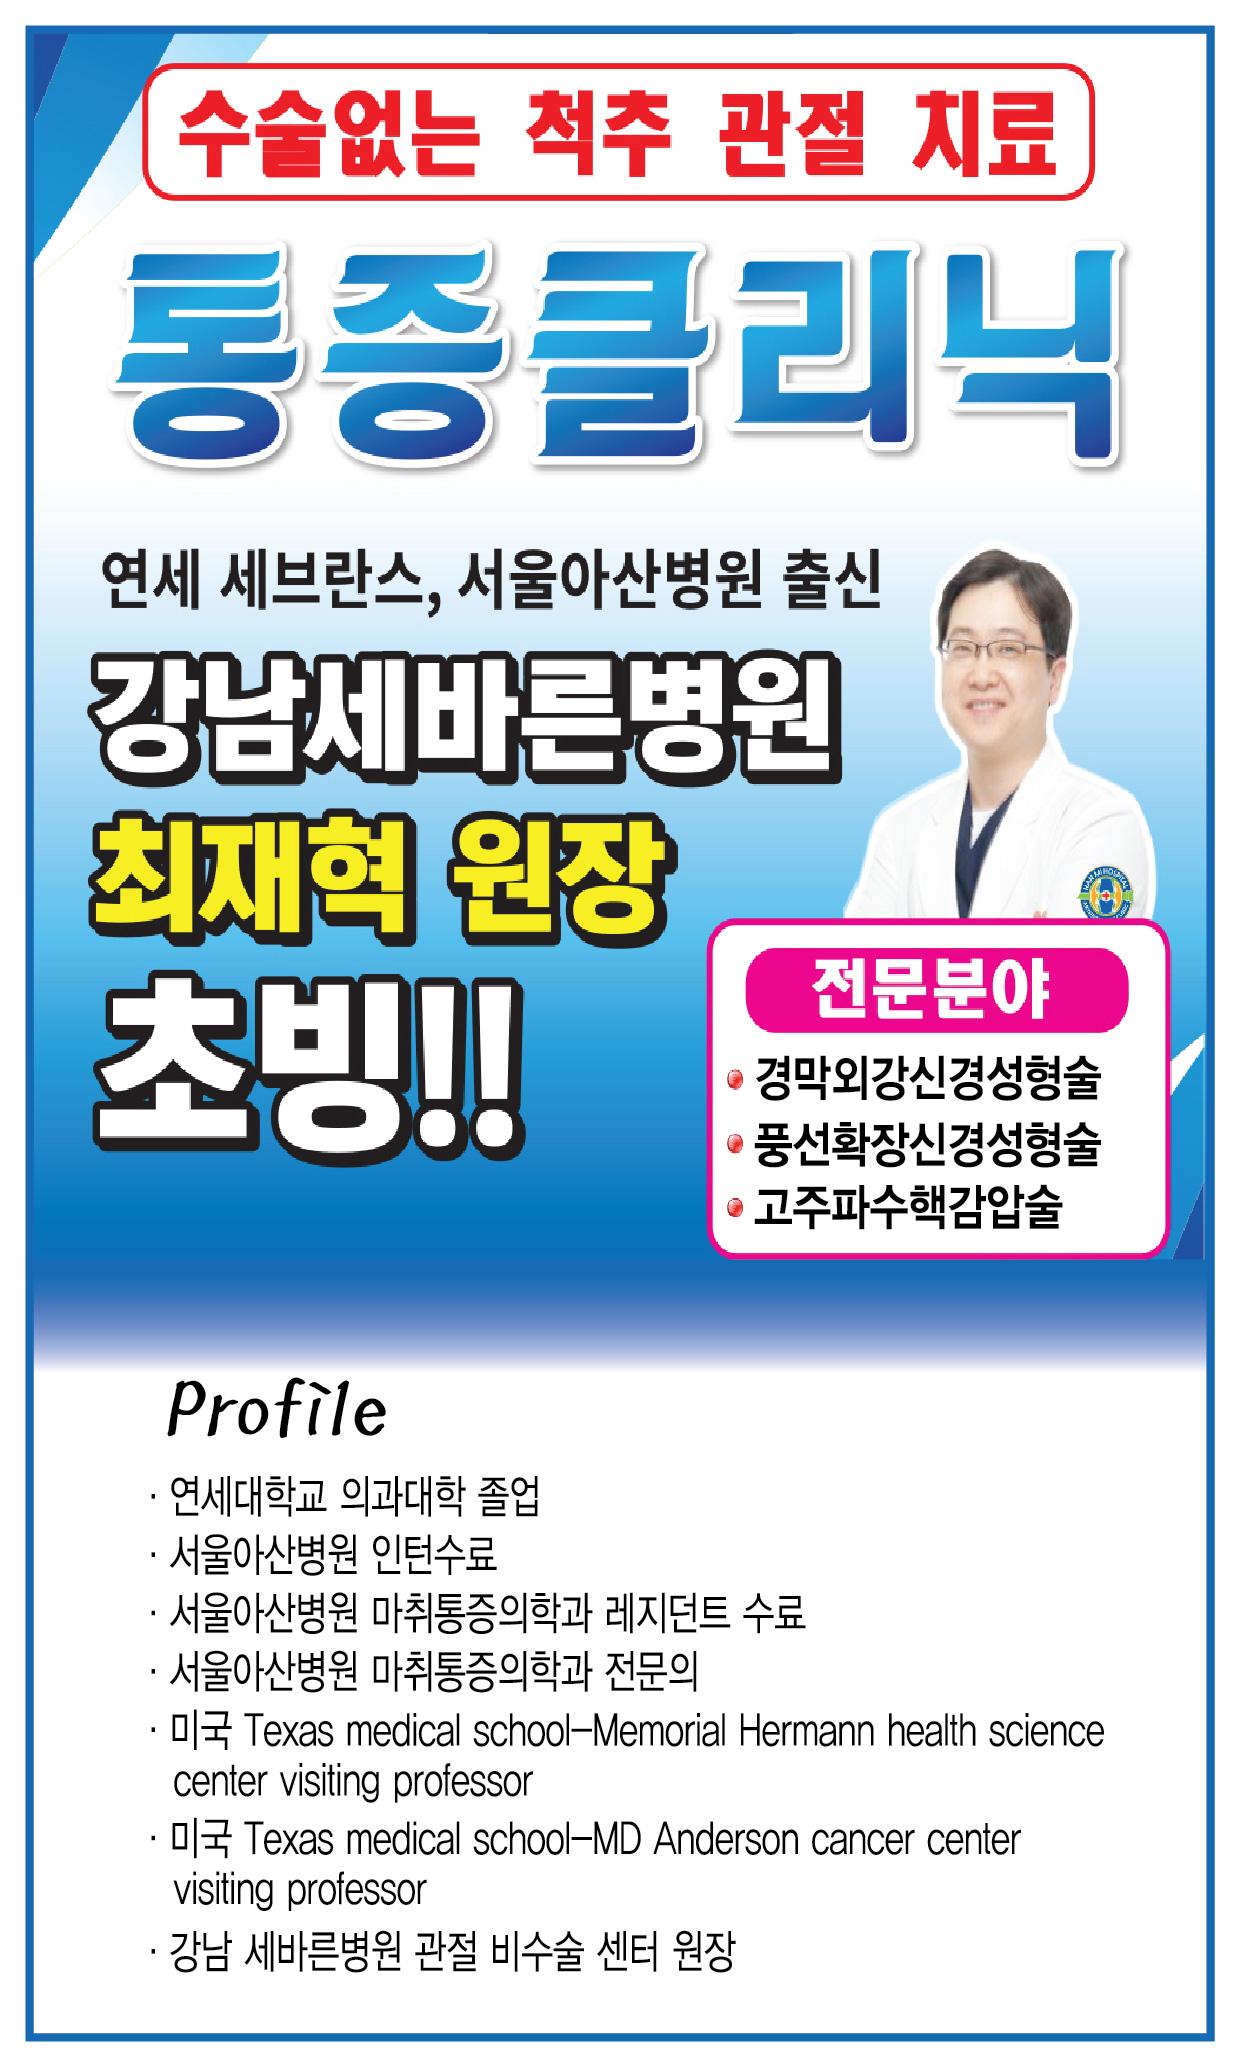 한미병원 리플렛삽지.jpg